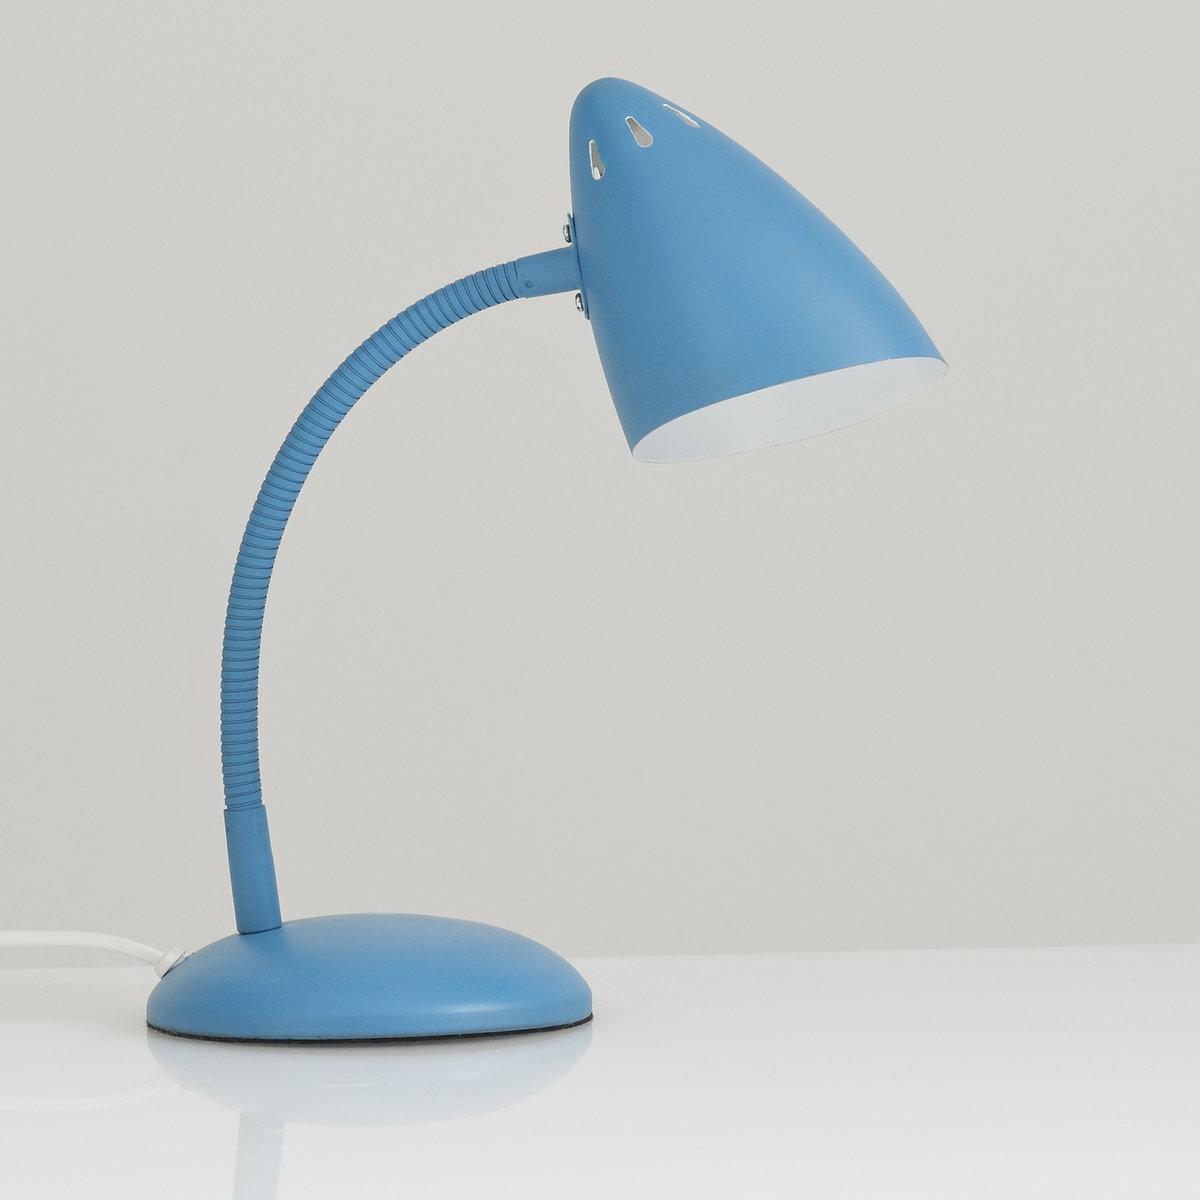 Lampada da tavolo in metallo stile vintage, Rosella